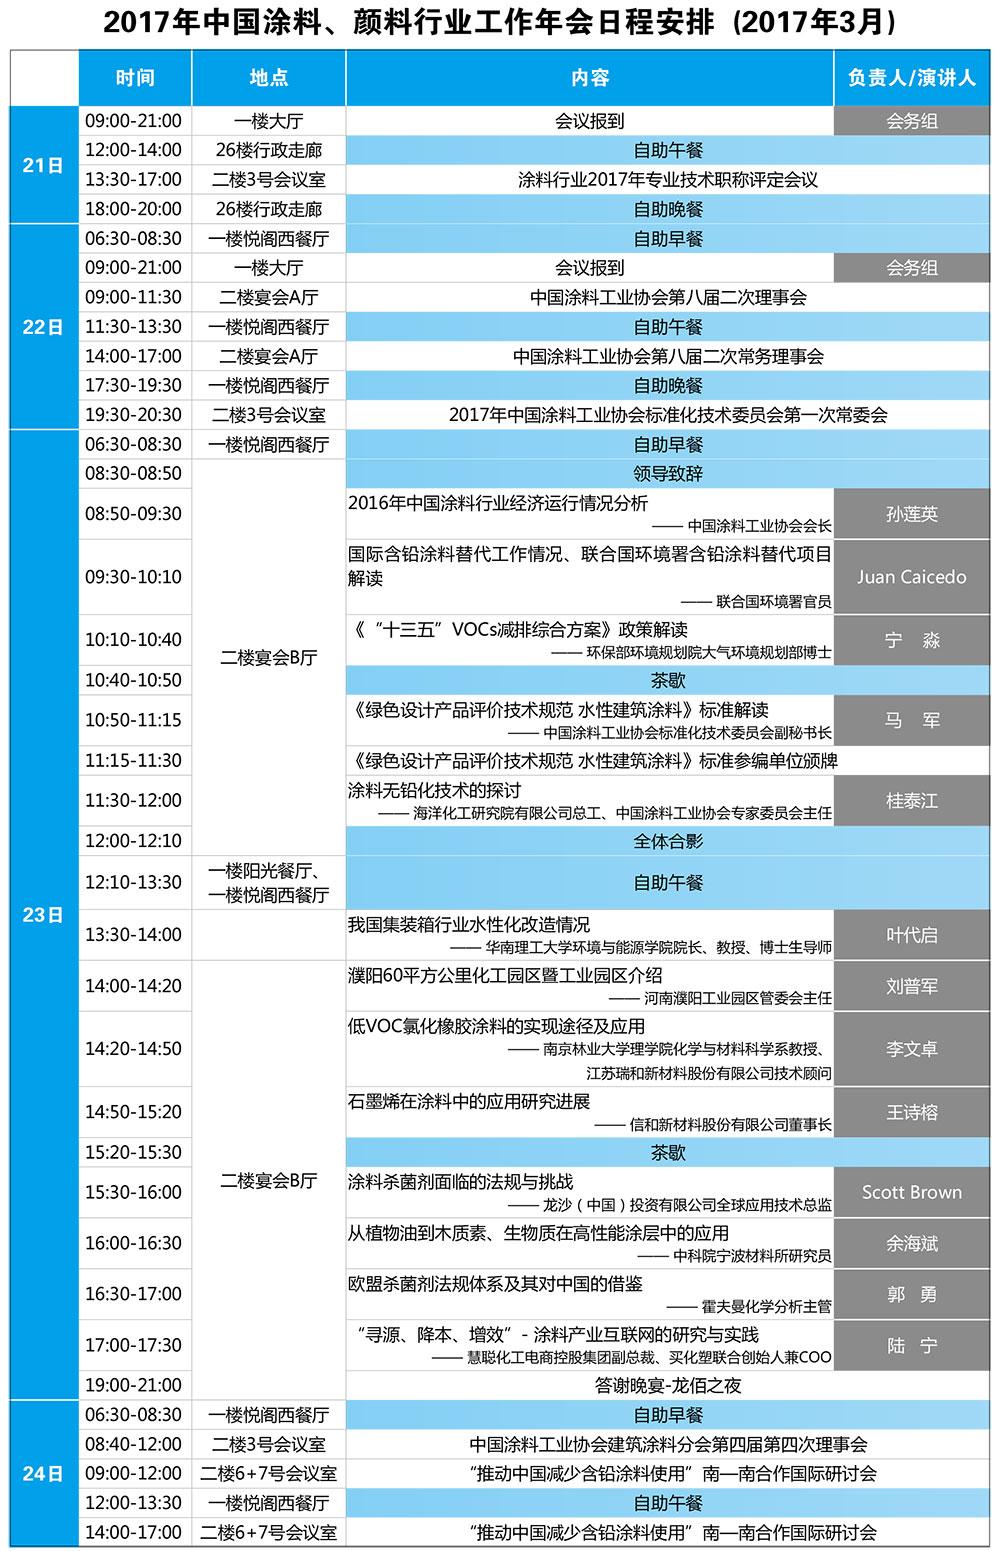 2017年中国涂料、颜料行业工作年会会议日程表